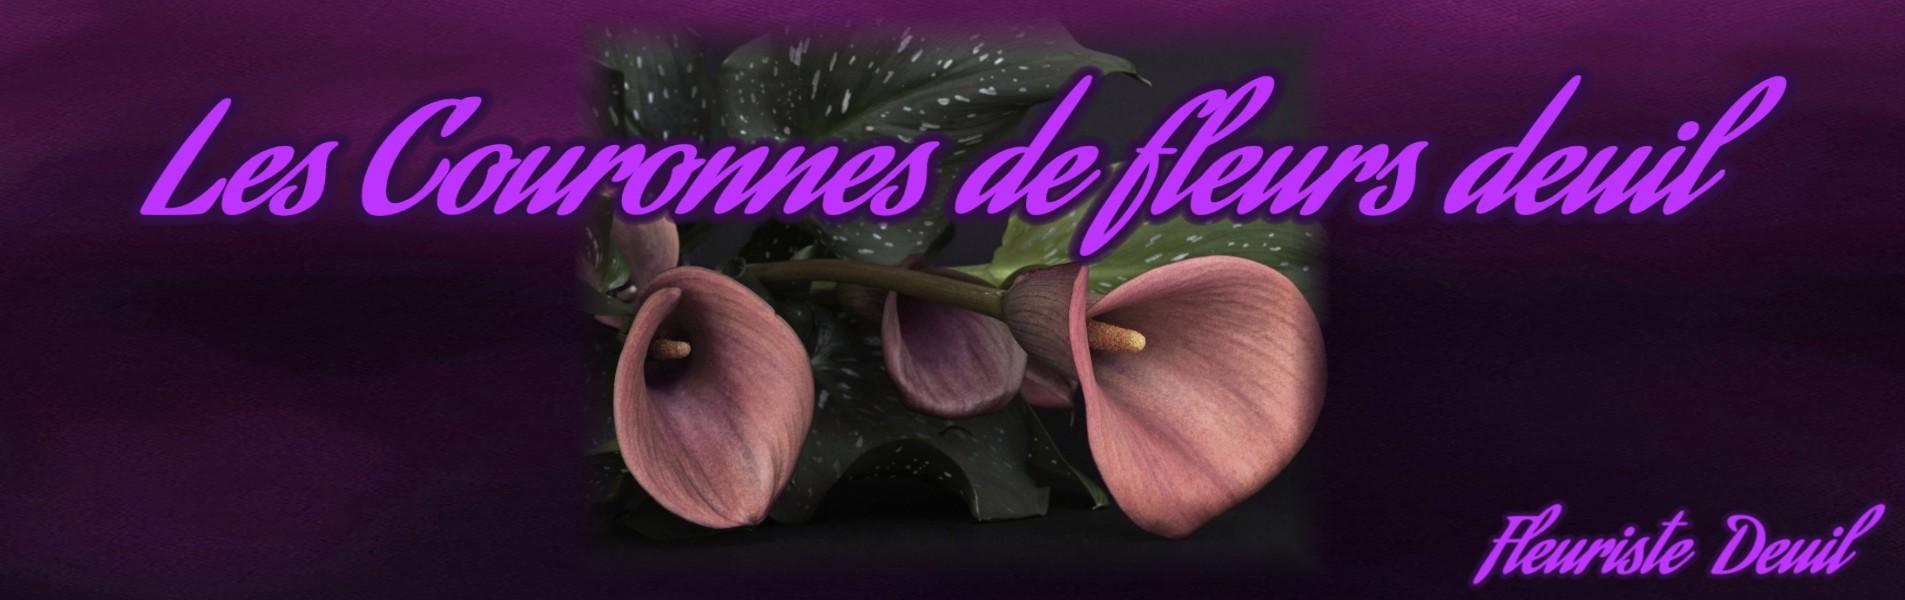 LES COURONNES DE DEUIL